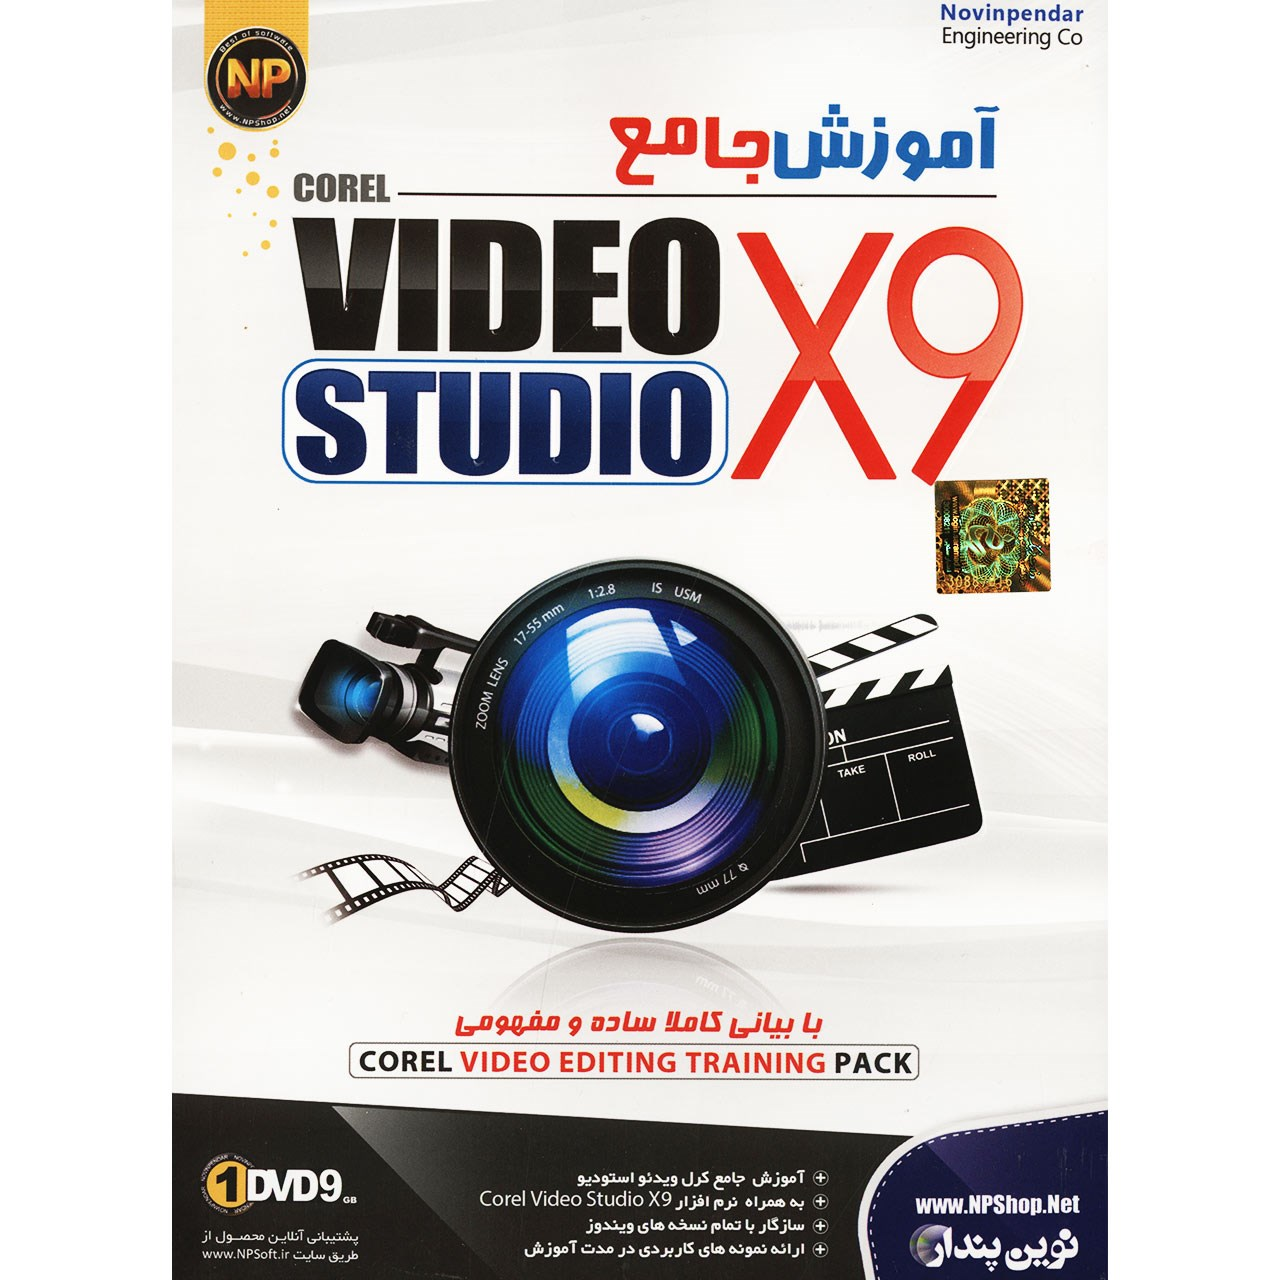 نرم افزار آموزش جامع Corel Video Sudio X9 نشر نوین پندار